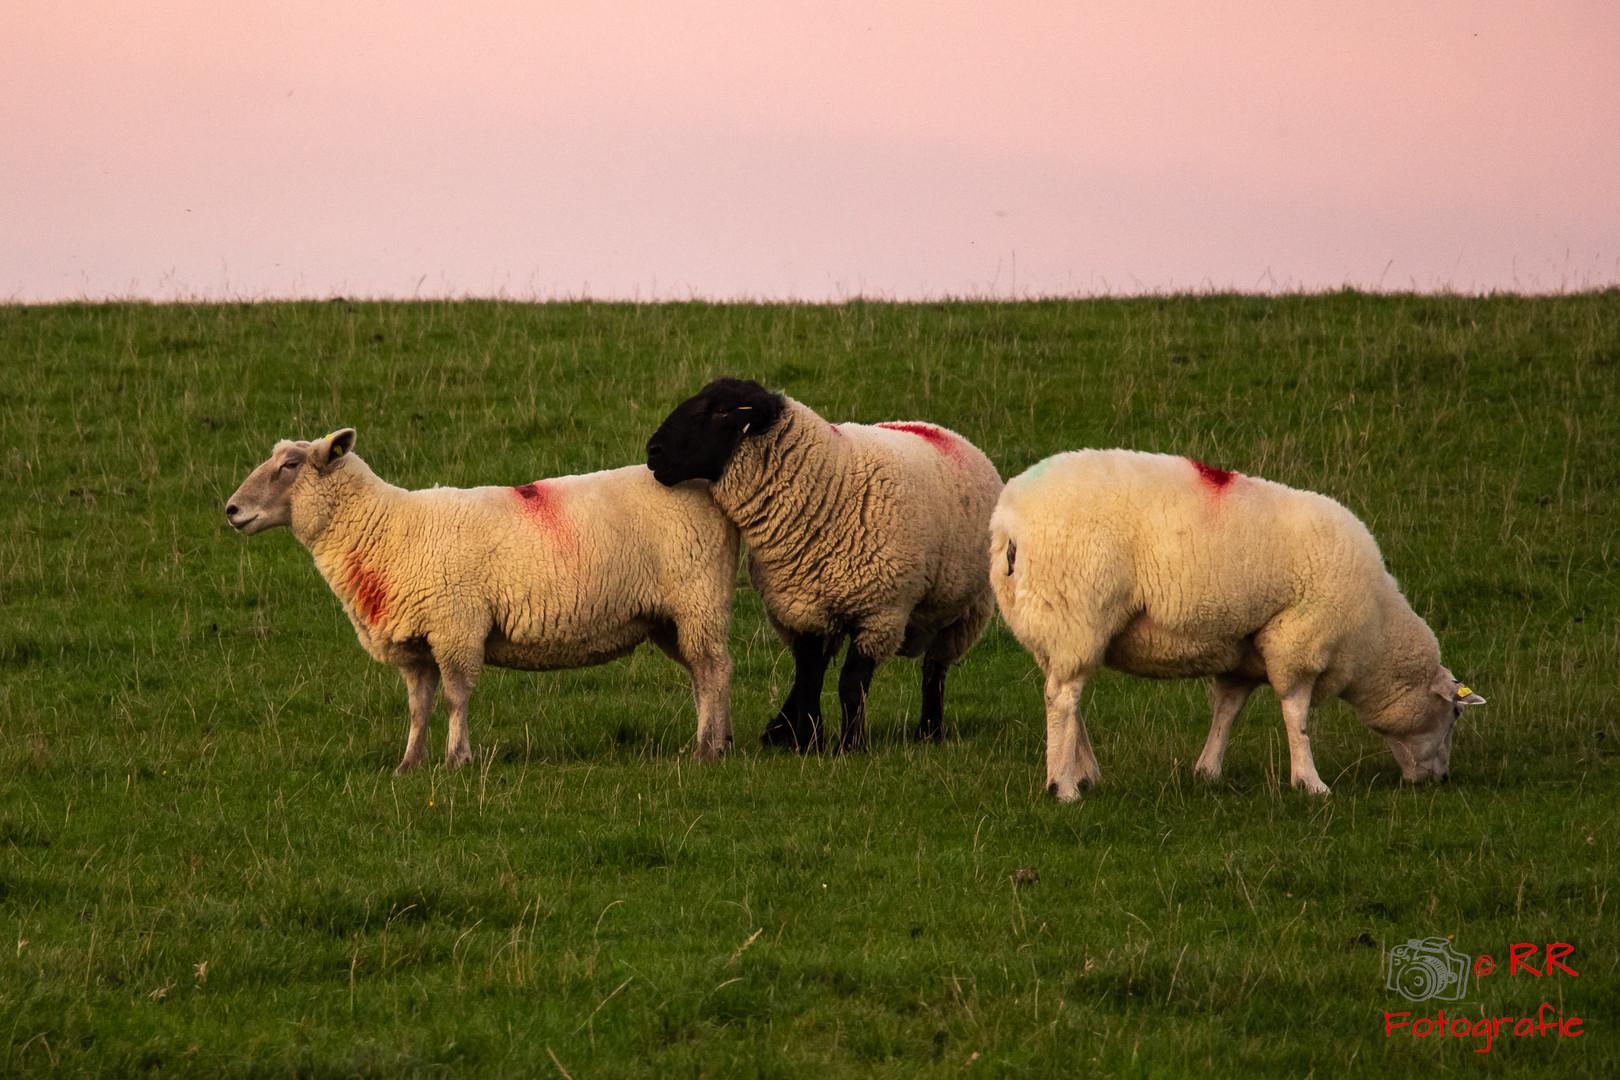 2018.10.10 Speicherkoog Schafe und Sonne